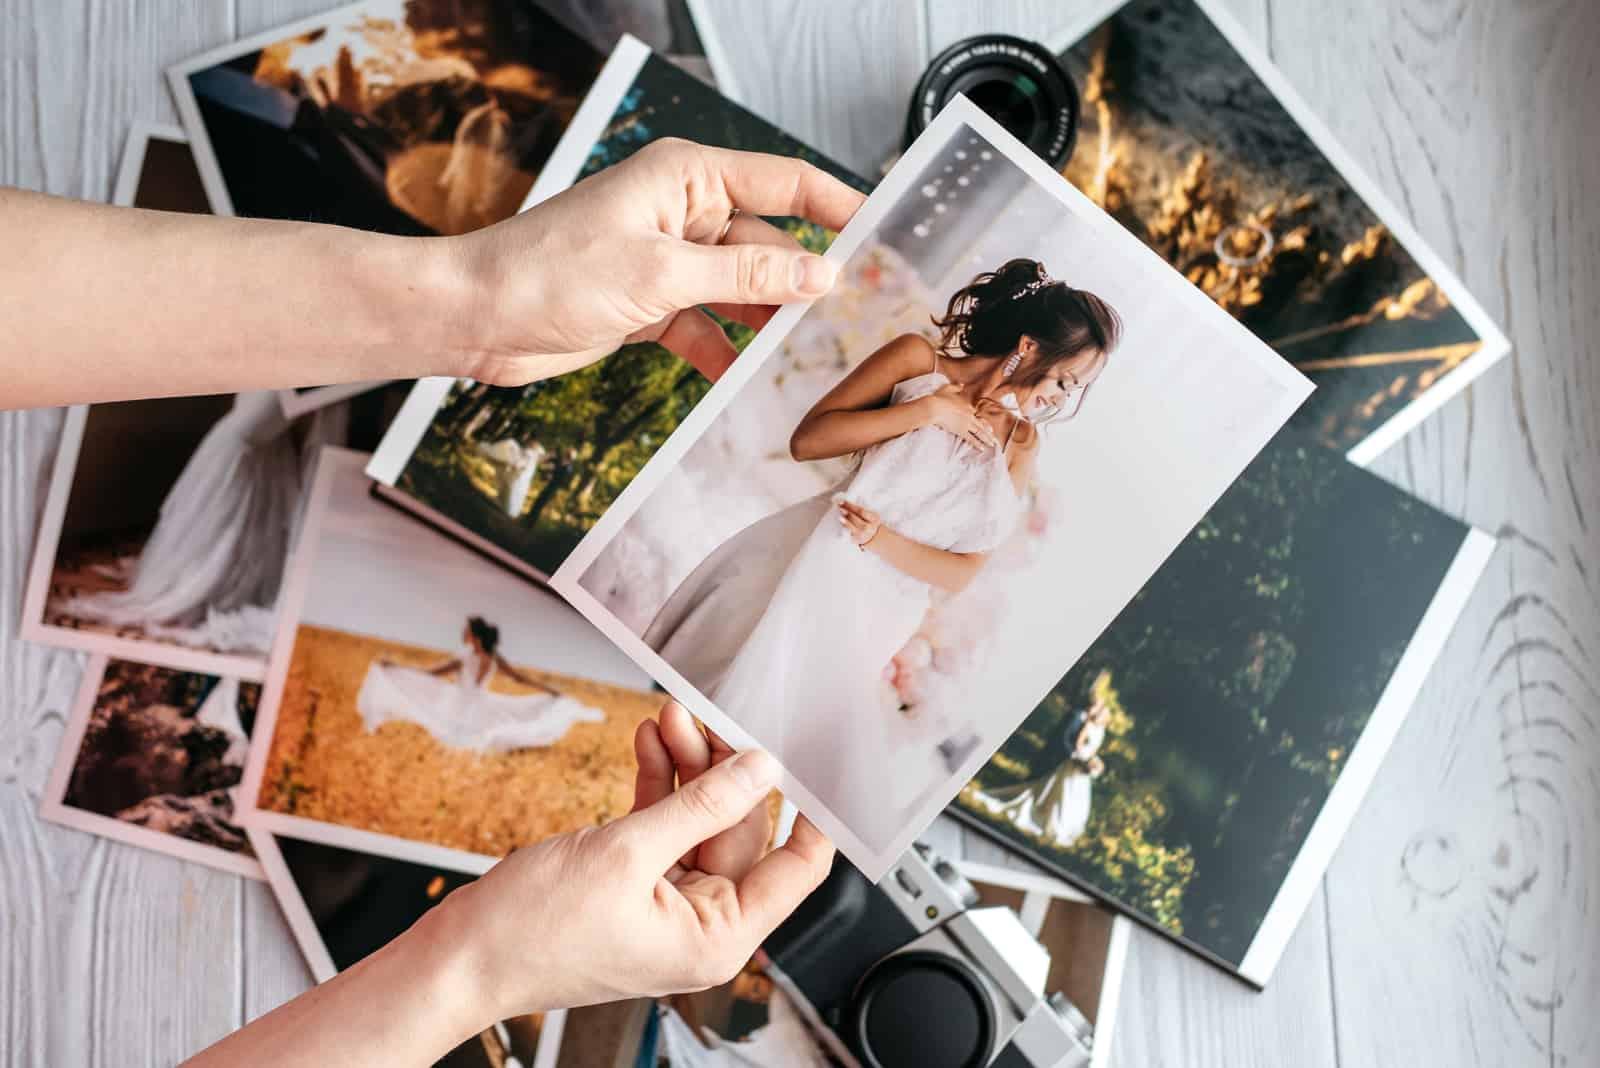 Gedruckte Hochzeitsfotos mit Braut und Bräutigam, einer schwarzen Vintage-Kamera und Frauenhänden mit Foto